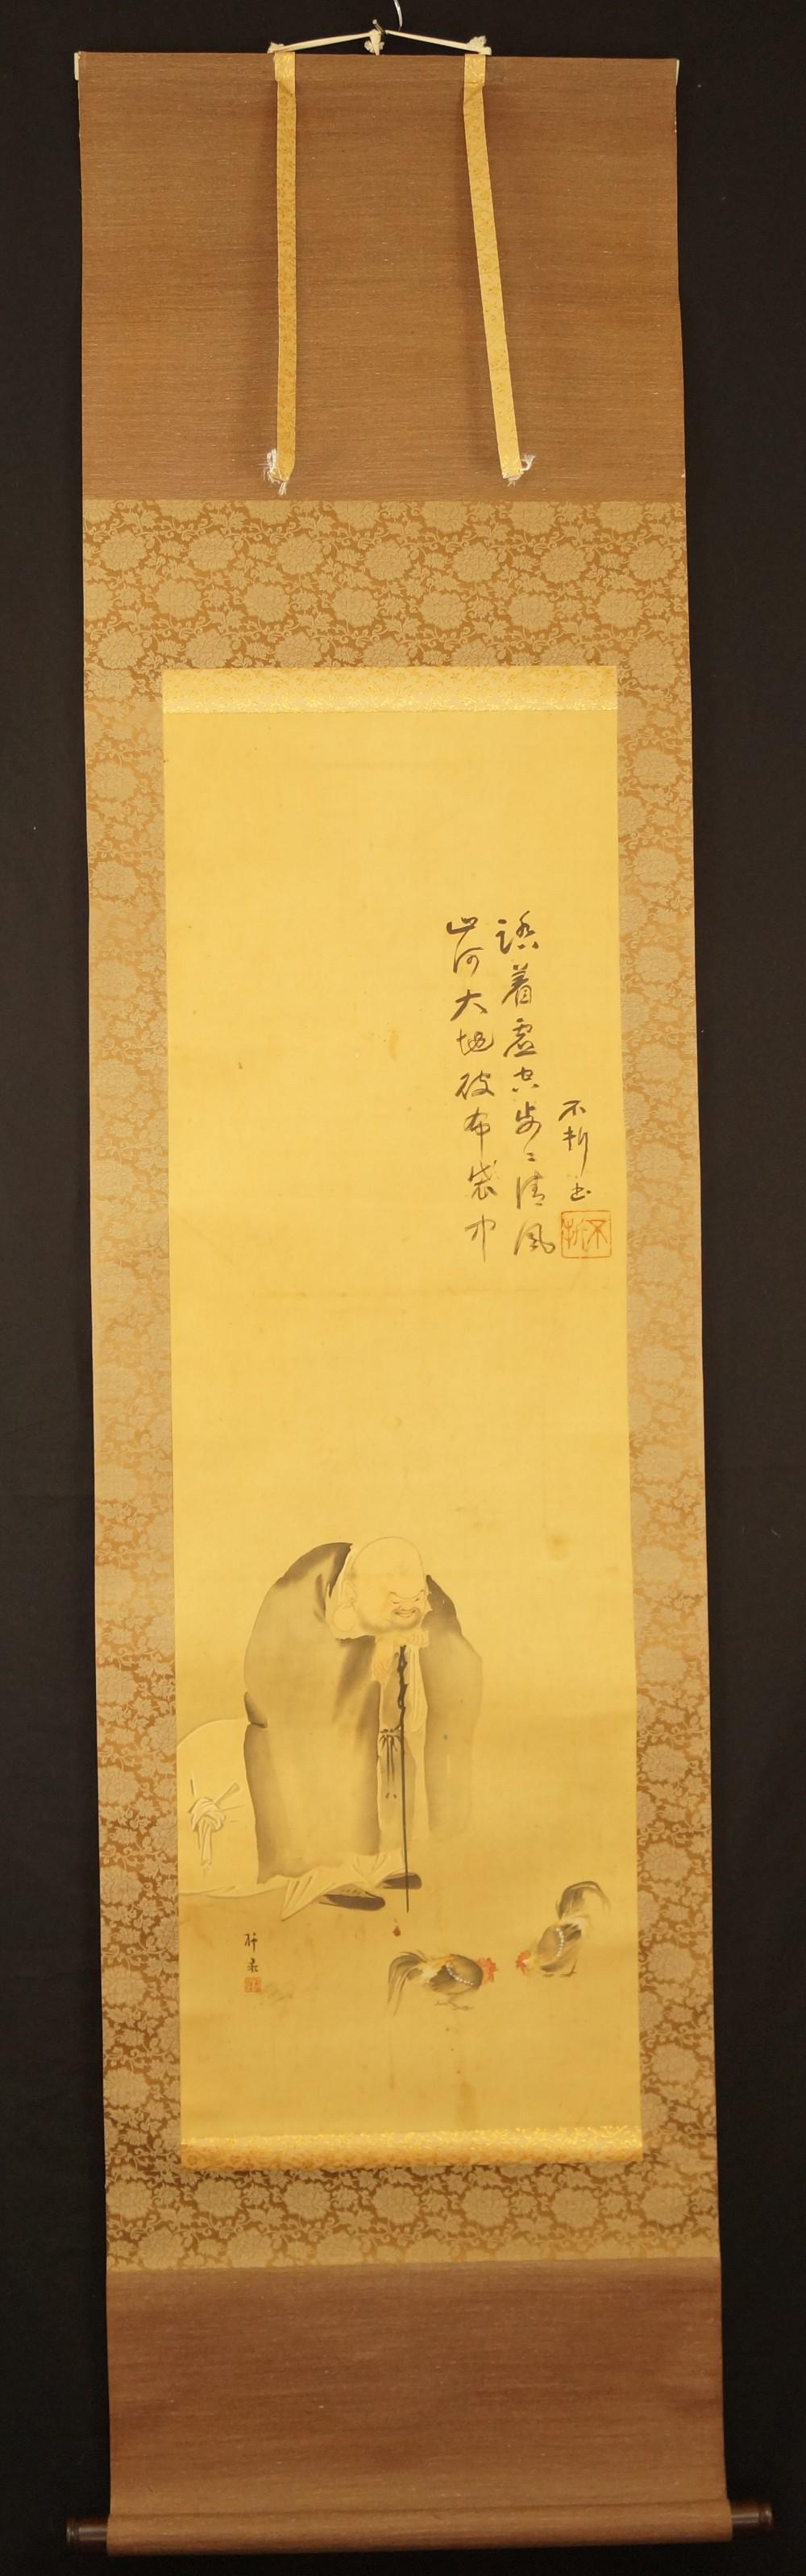 Hotei - Japanisches Rollbild (Kakejiku, Kakemono)